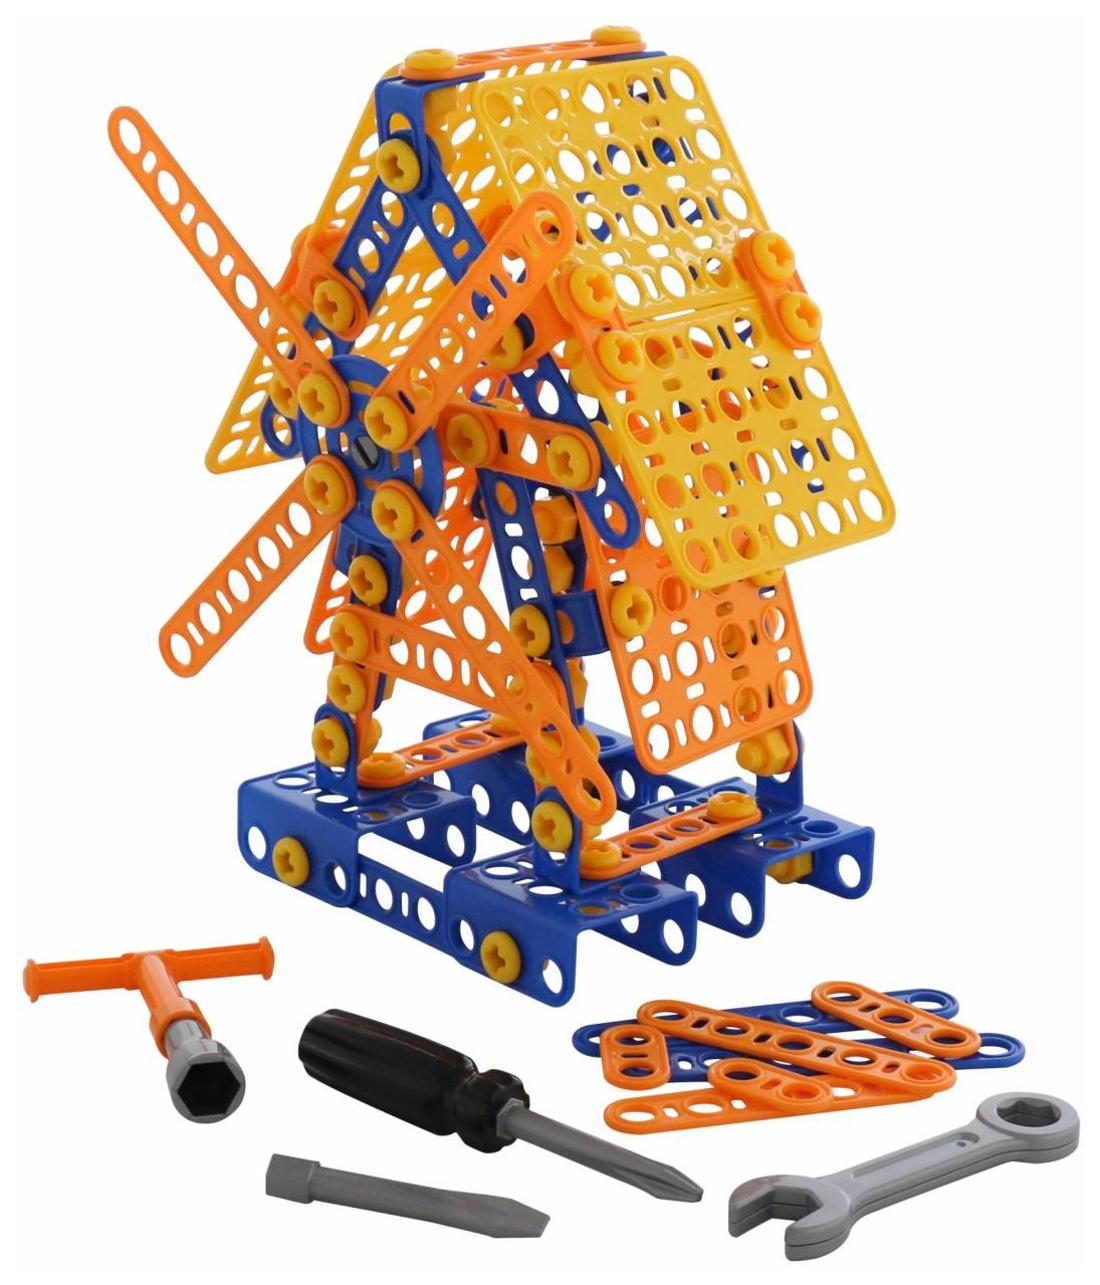 Купить Игрушки, Конструктор Полесье Изобретатель - Мельница №2 195 деталей в пакете, Конструкторы пластмассовые